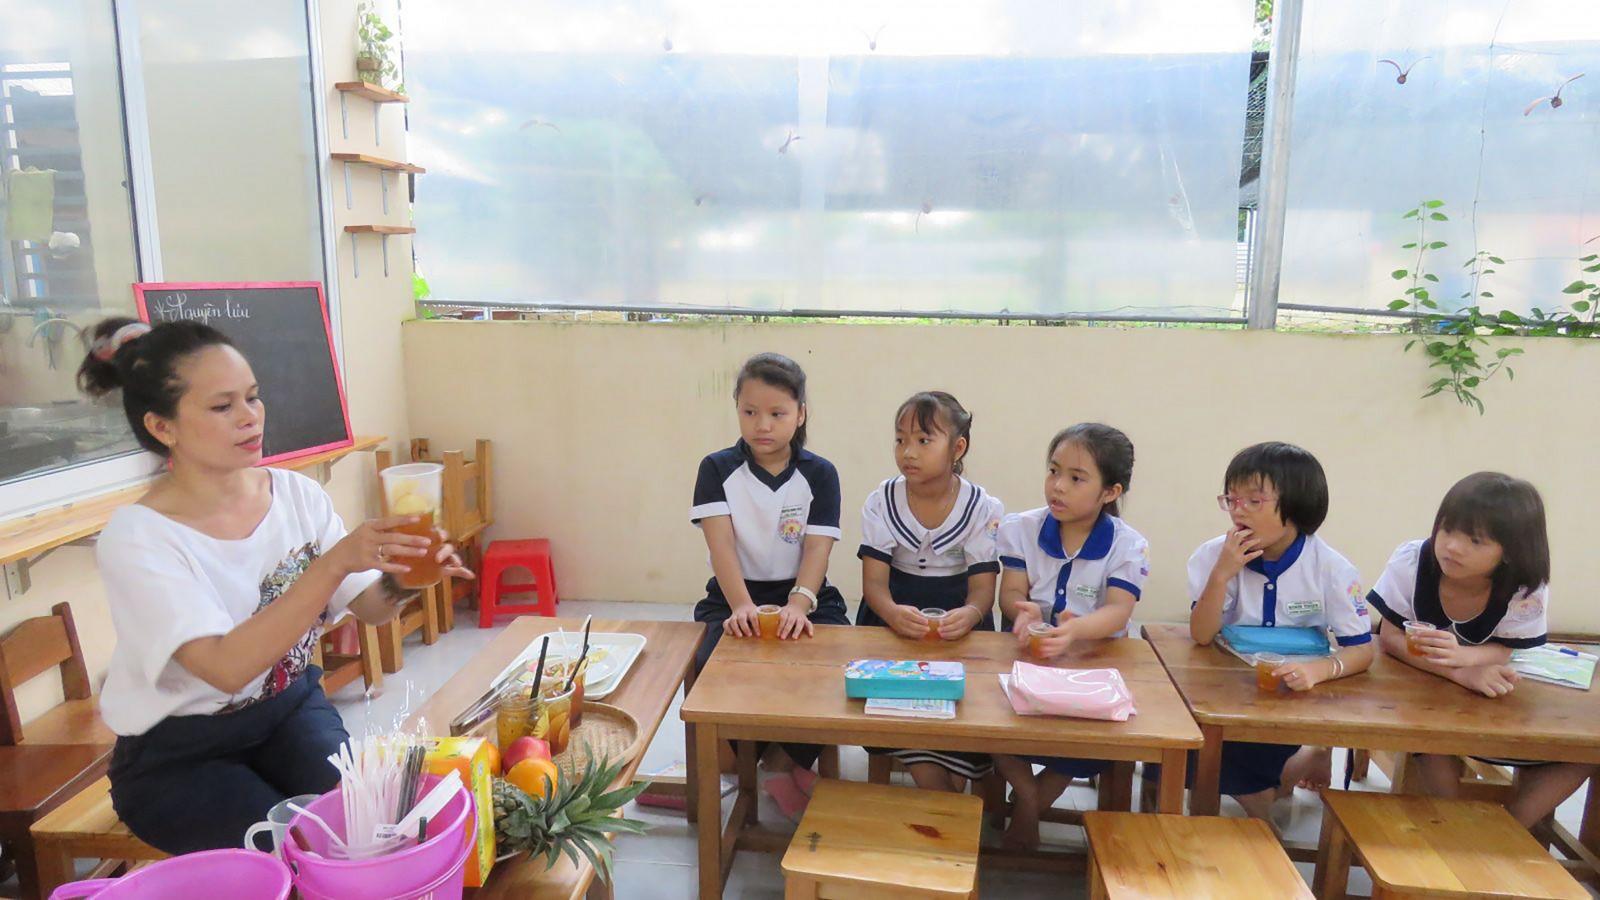 Cô trò Trường Tiểu học Bình Thủy trong giờ hoạt động ngoại khóa. Đây là một trong số trường được chọn thực hiện Trường Điển hình đổi mới. Ảnh: NG.NGÂN